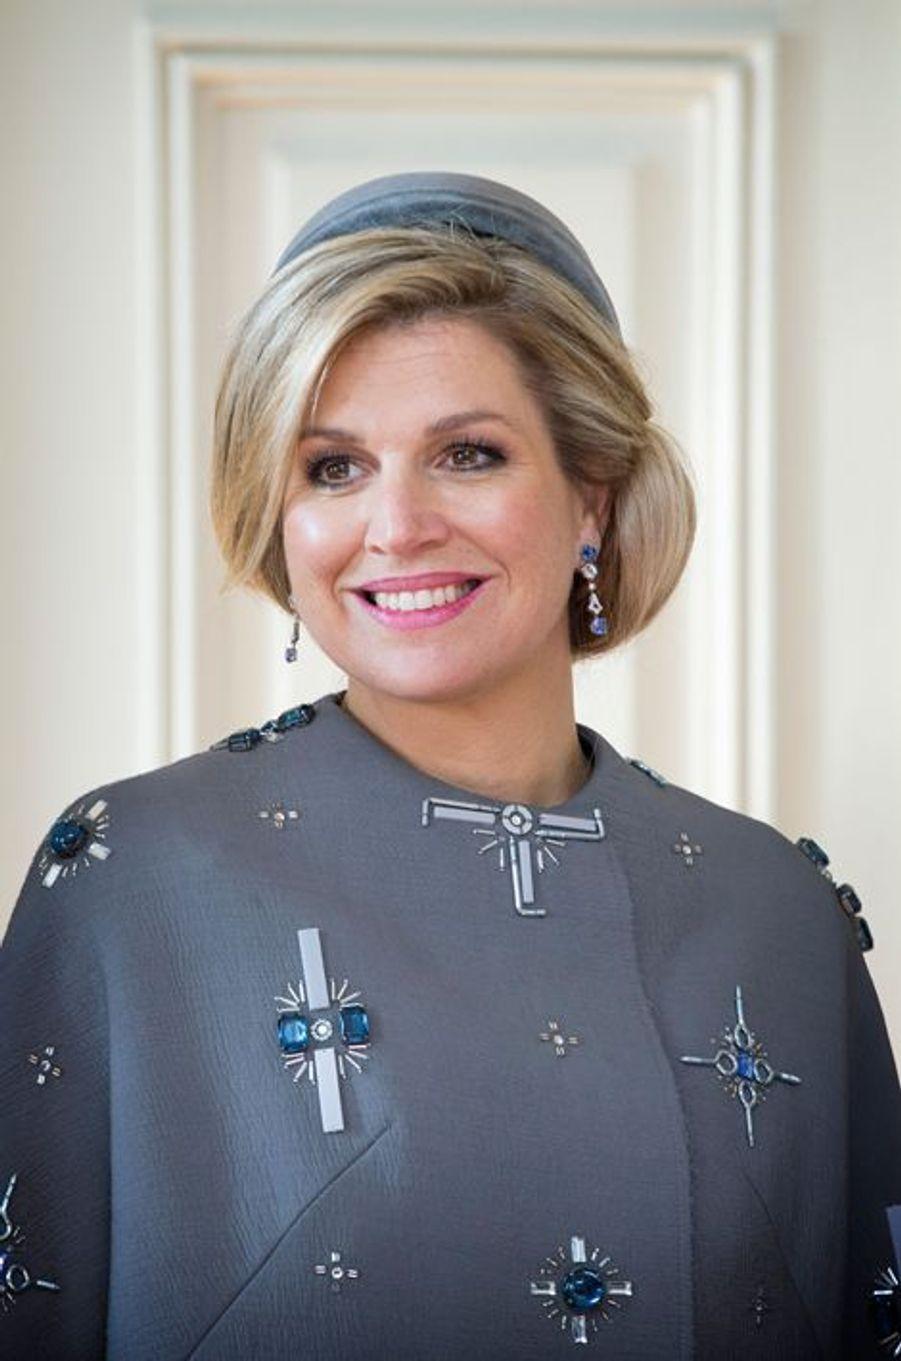 La reine Maxima des Pays-Bas au château de Fredensborg, le 17 mars 2015